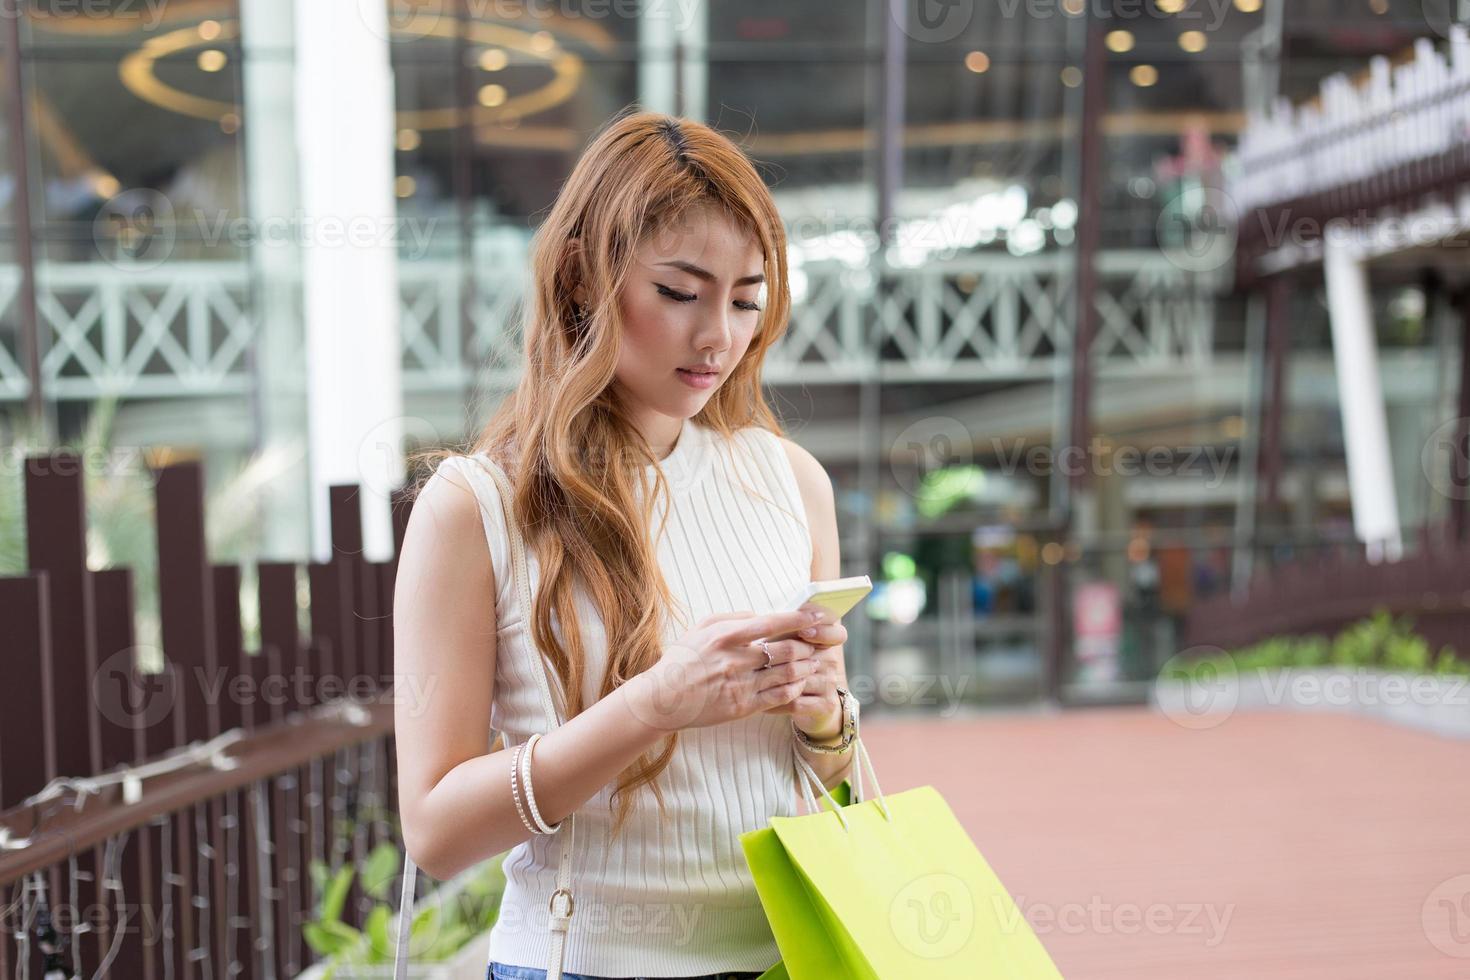 belle femme utilise mobile photo